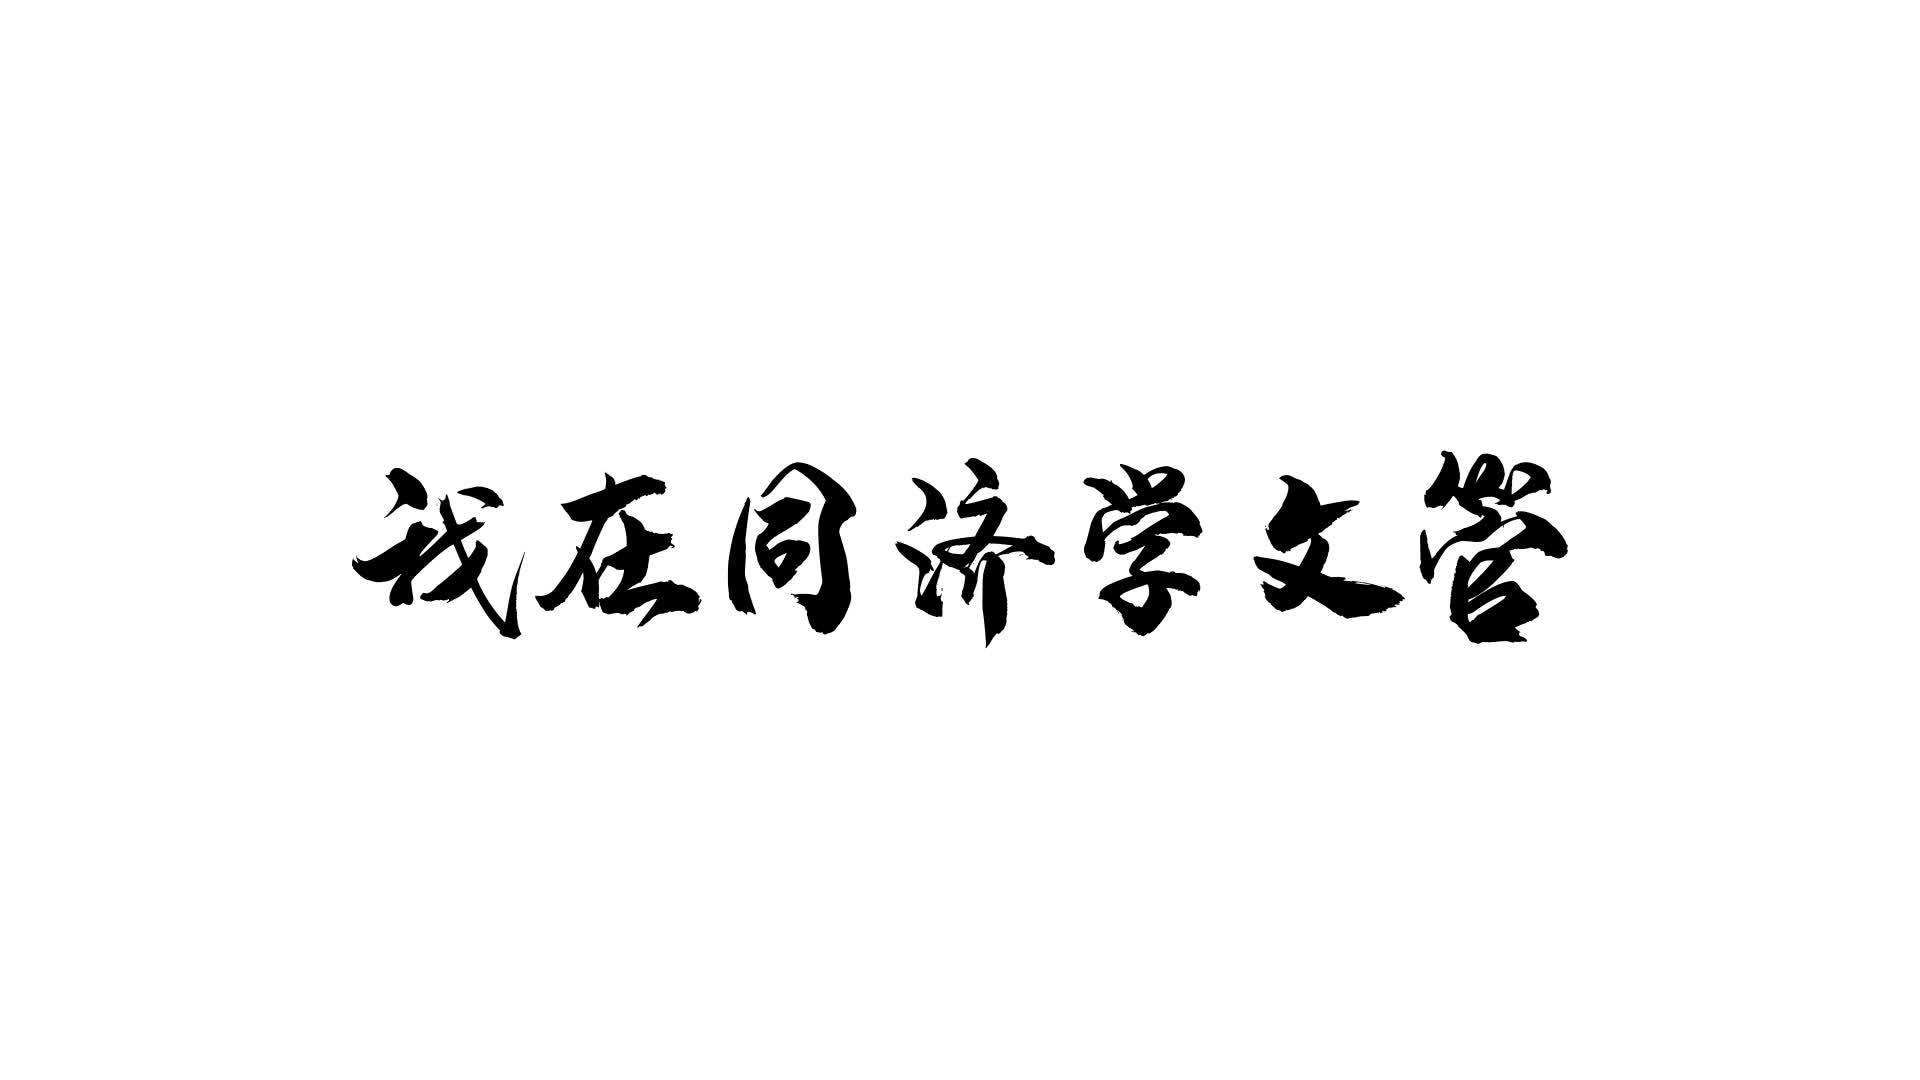 76 同济大学 文化产业管理专业 李思尧